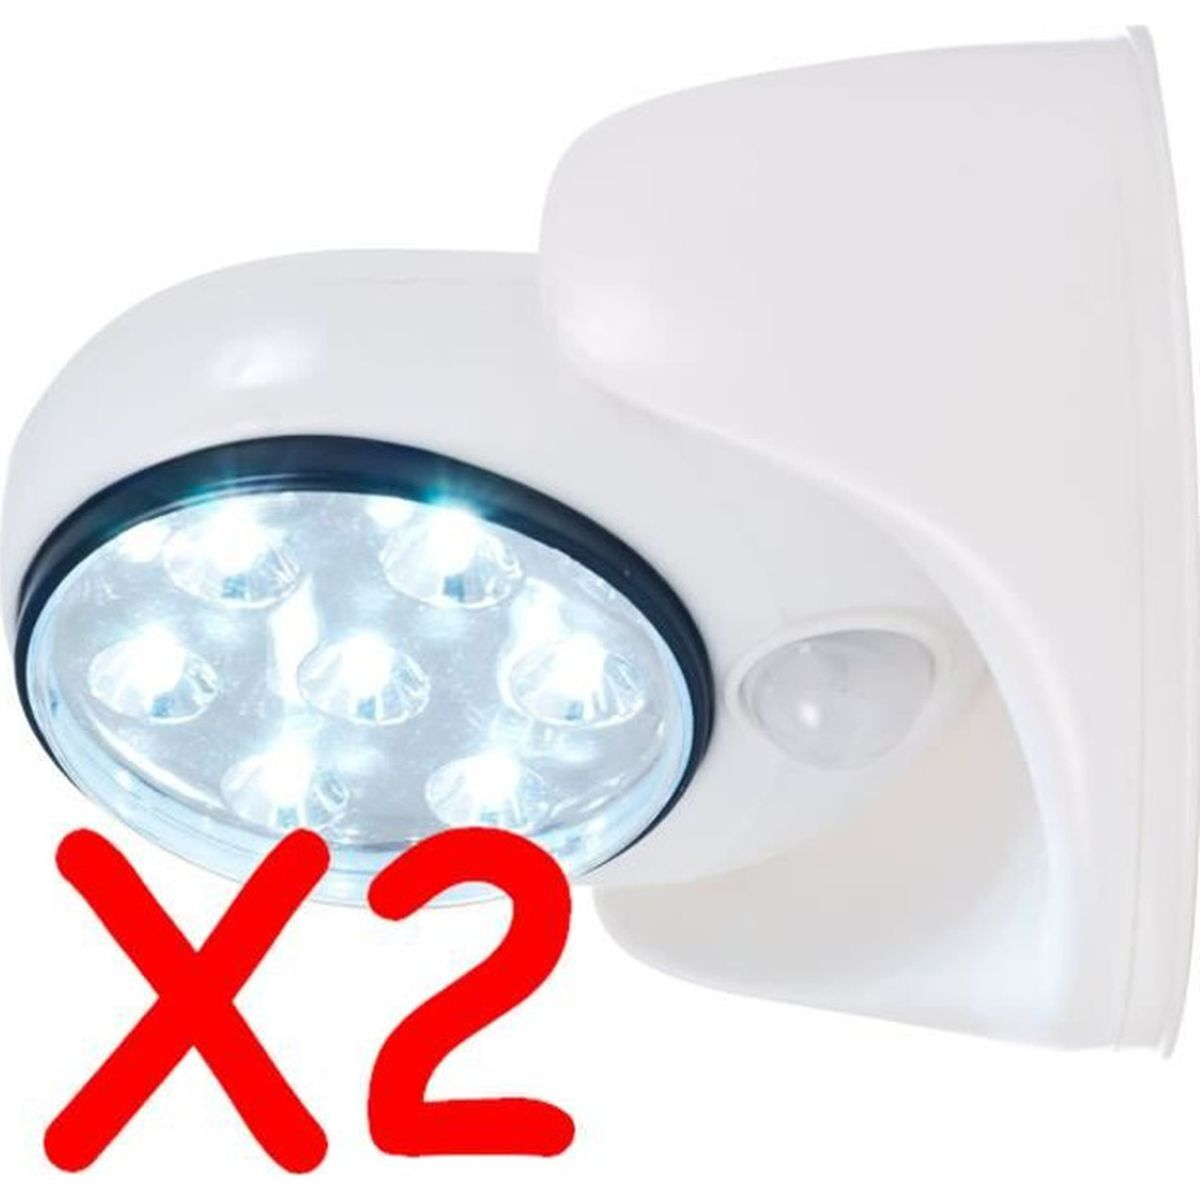 PLAFONNIER D'EXTÉRIEUR LOT 2 SPOT LAMPE DETECTEUR DE MOUVEMENT 7 LED EXTE